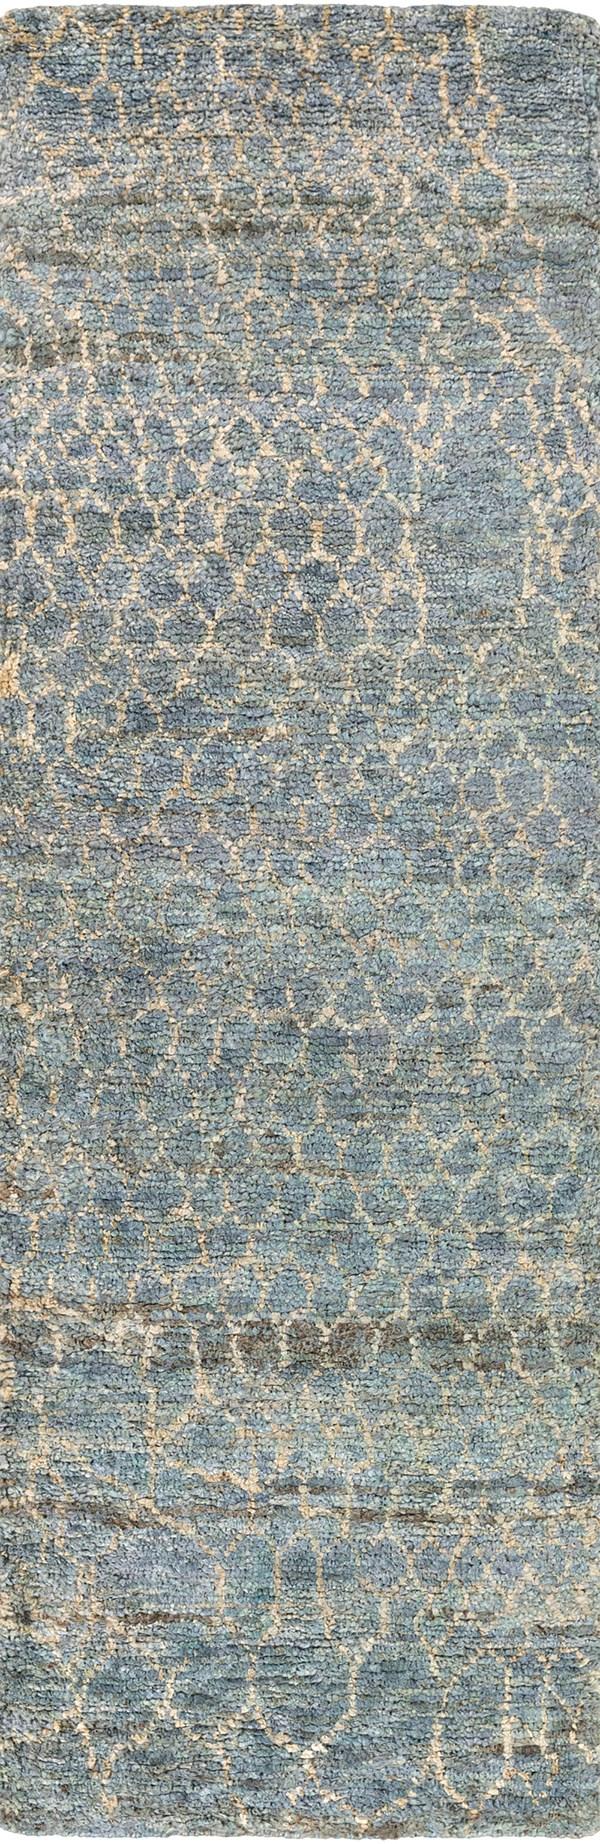 Bright Blue, Denim, Cream Transitional Area Rug